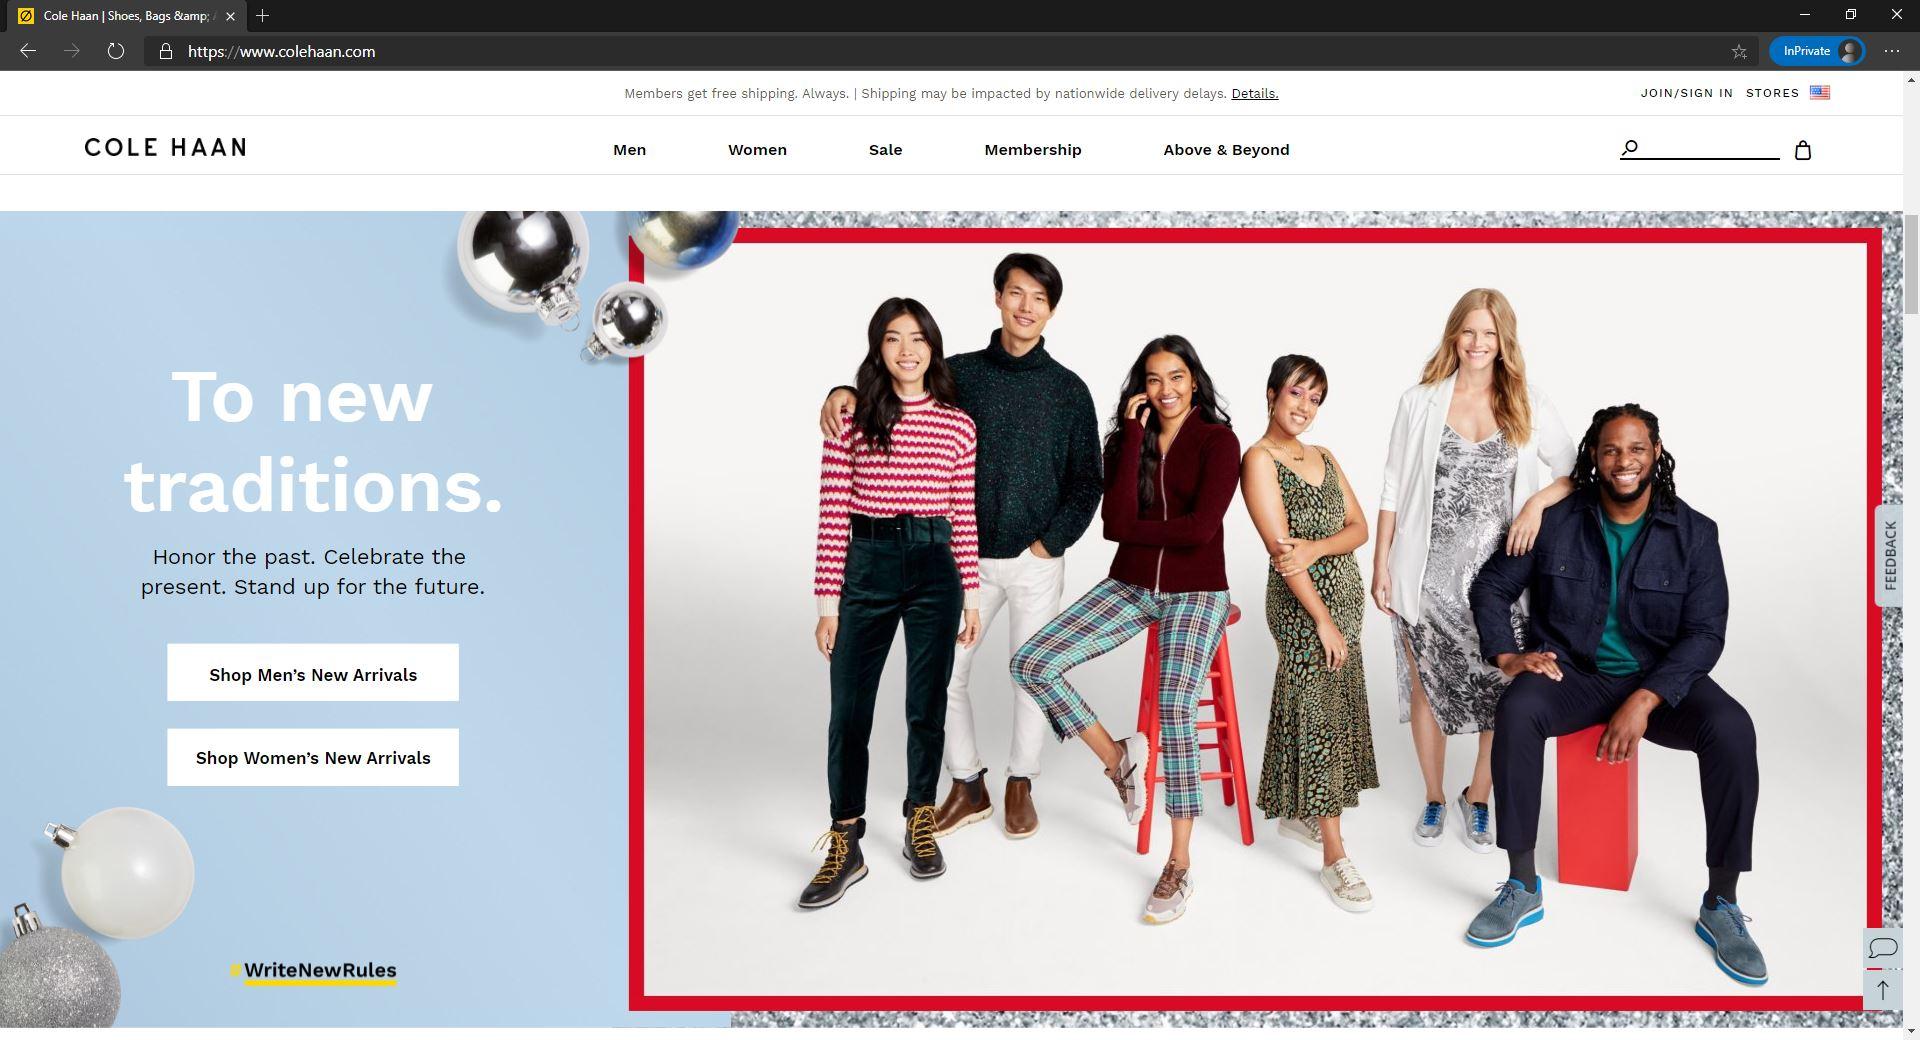 Cole Haan website homepage